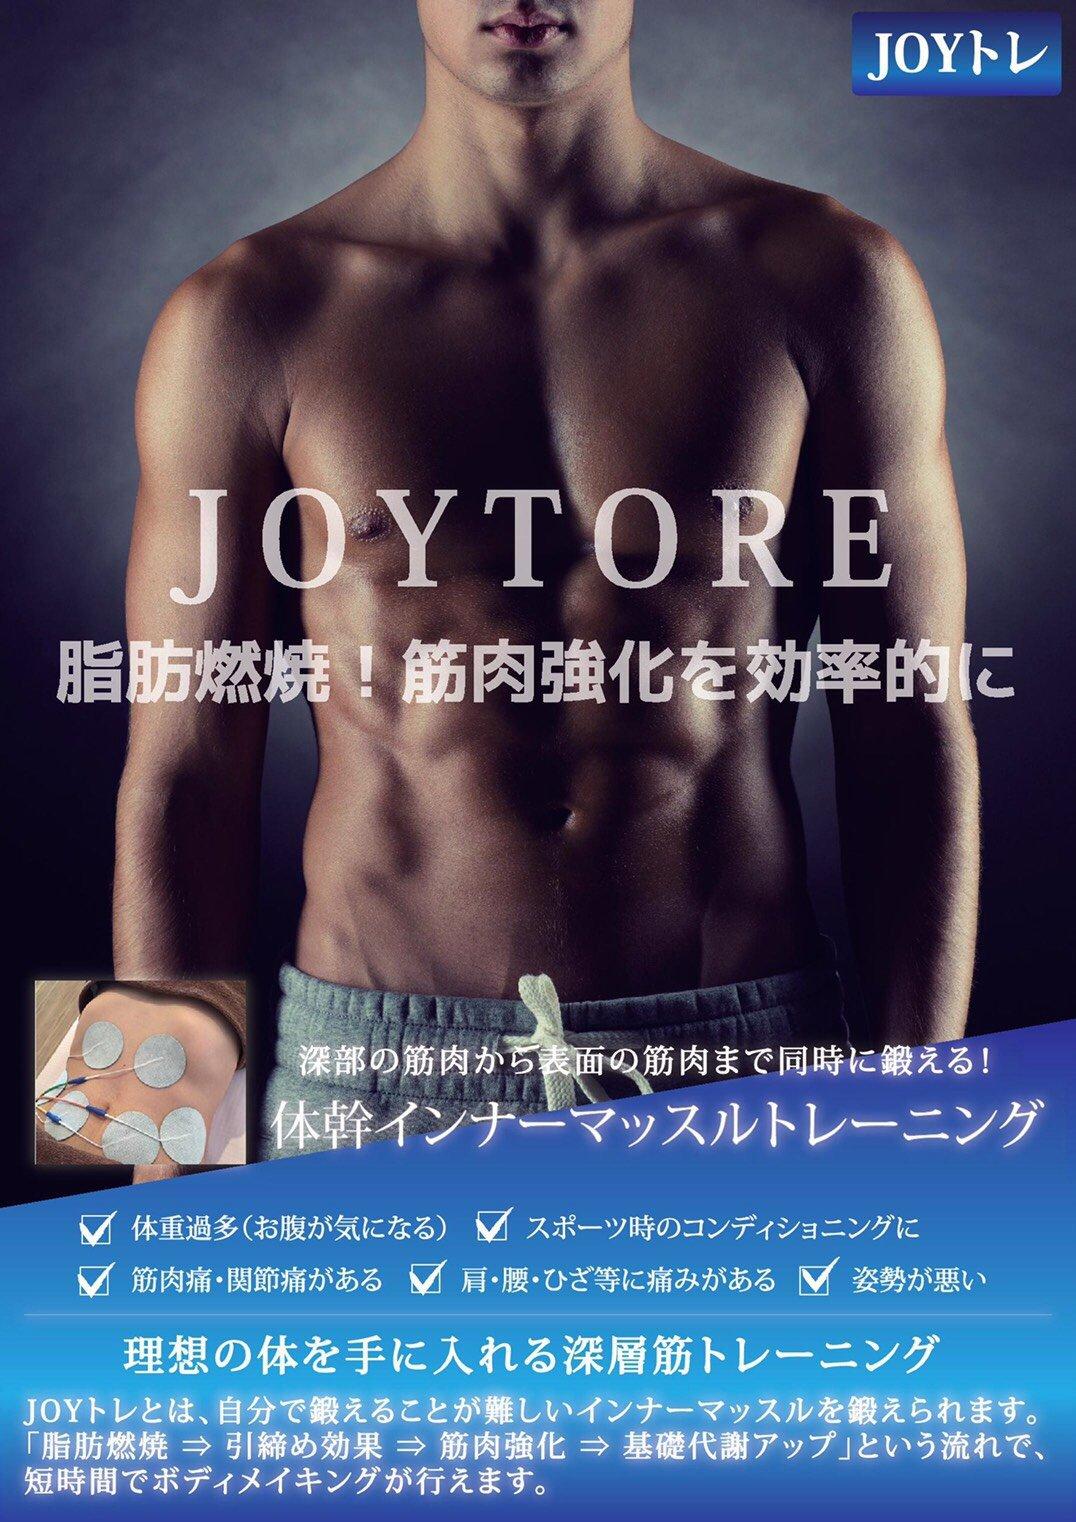 □■現地払い専用■□【JOYトレ】本コース1か月のイメージその2